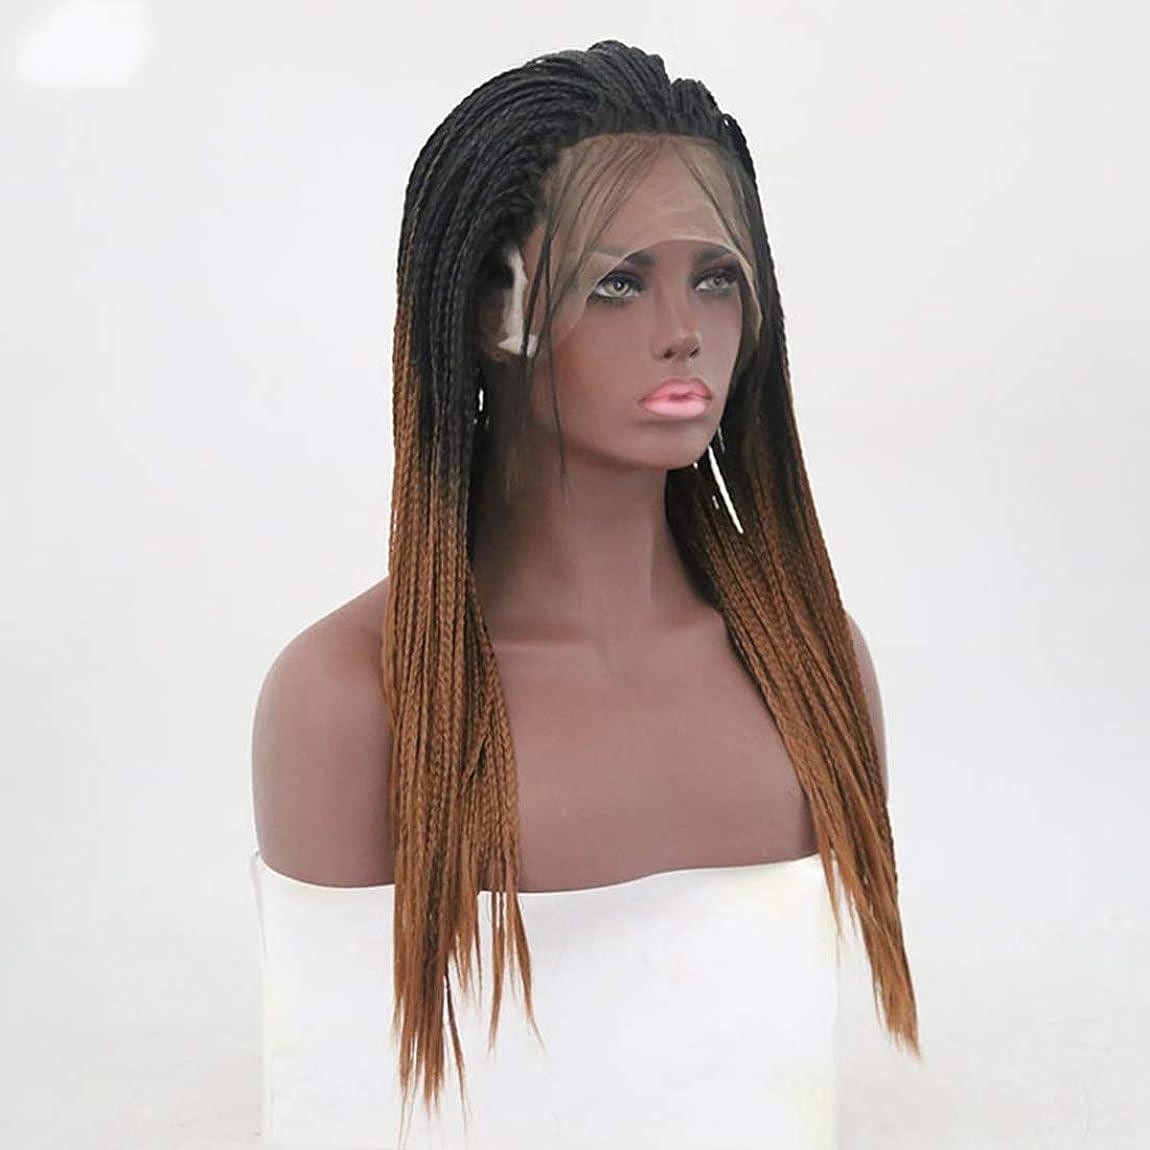 ブルーベル土曜日タイプライターKoloeplf アフリカの小さなボリューム編まれた髪汚れたかつらブラウンロングストレートヘアウィッグフロントレース化学繊維ヘアウィッグ (サイズ : 18 inches)